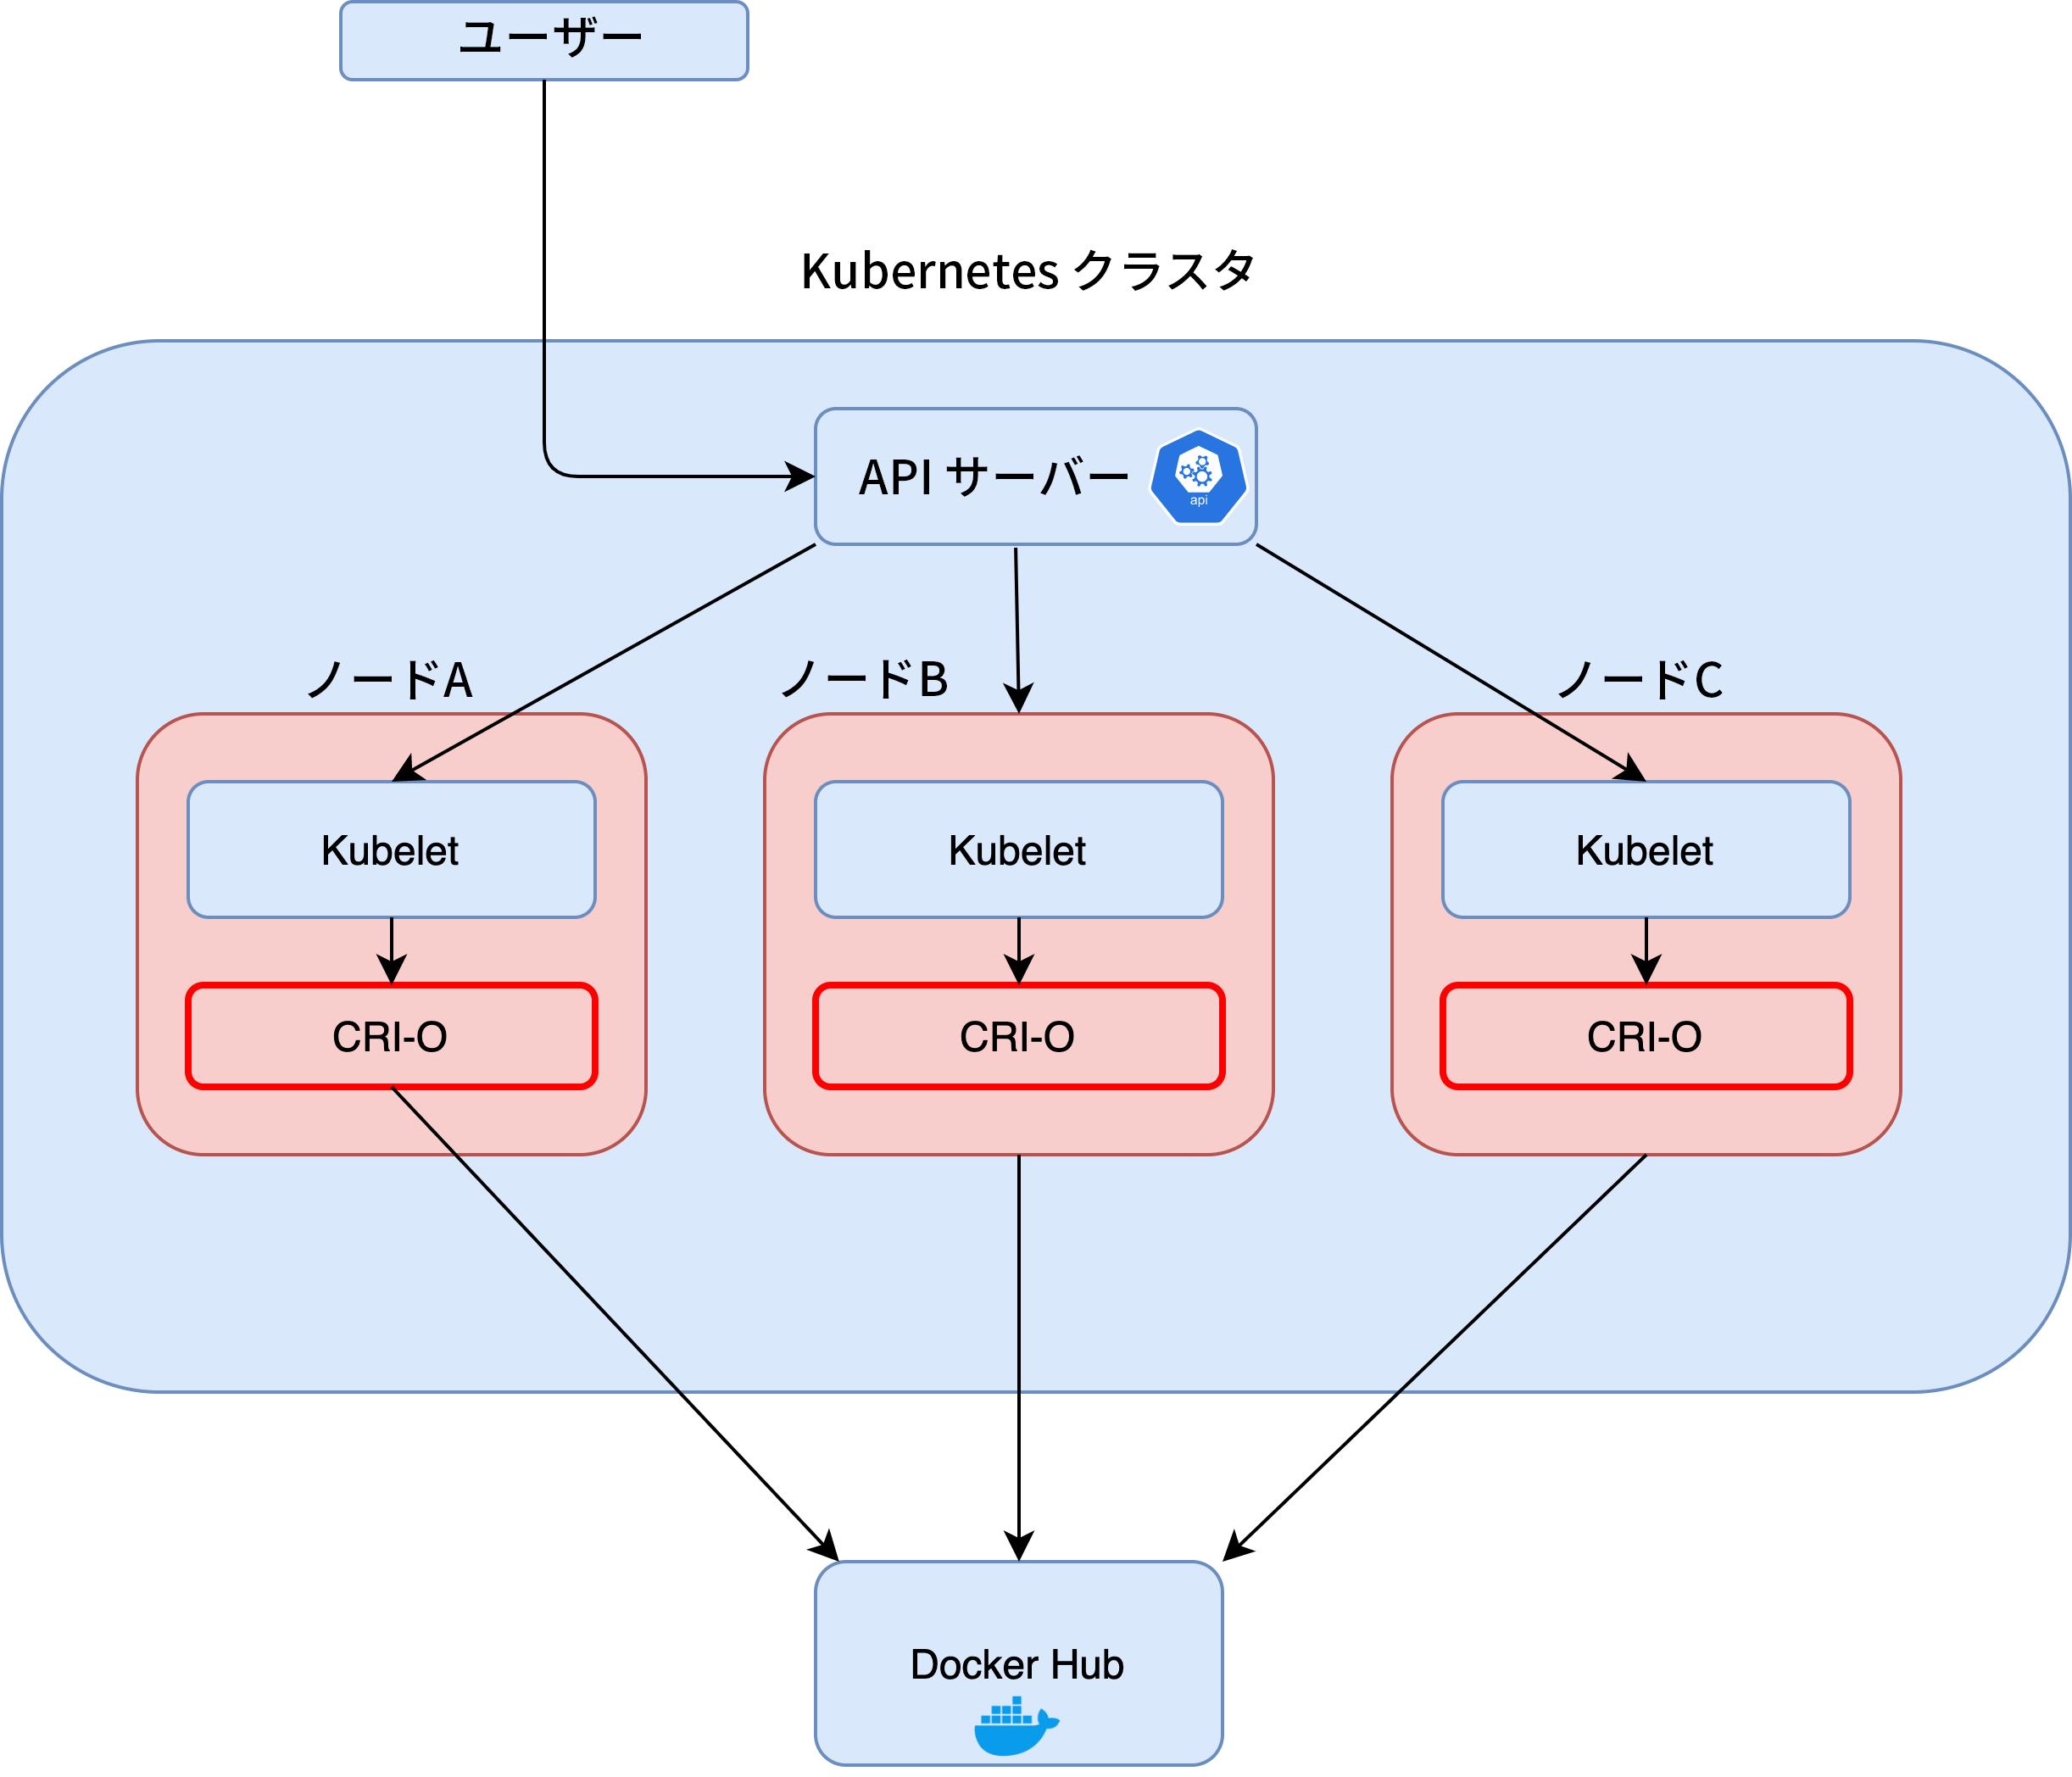 この画像は起こりうるKubernetesへの攻撃フローを示しています。この図では通常のCRI-OコンテナエンジンのKubelet、APIサーバーに対する位置関係を示しています。